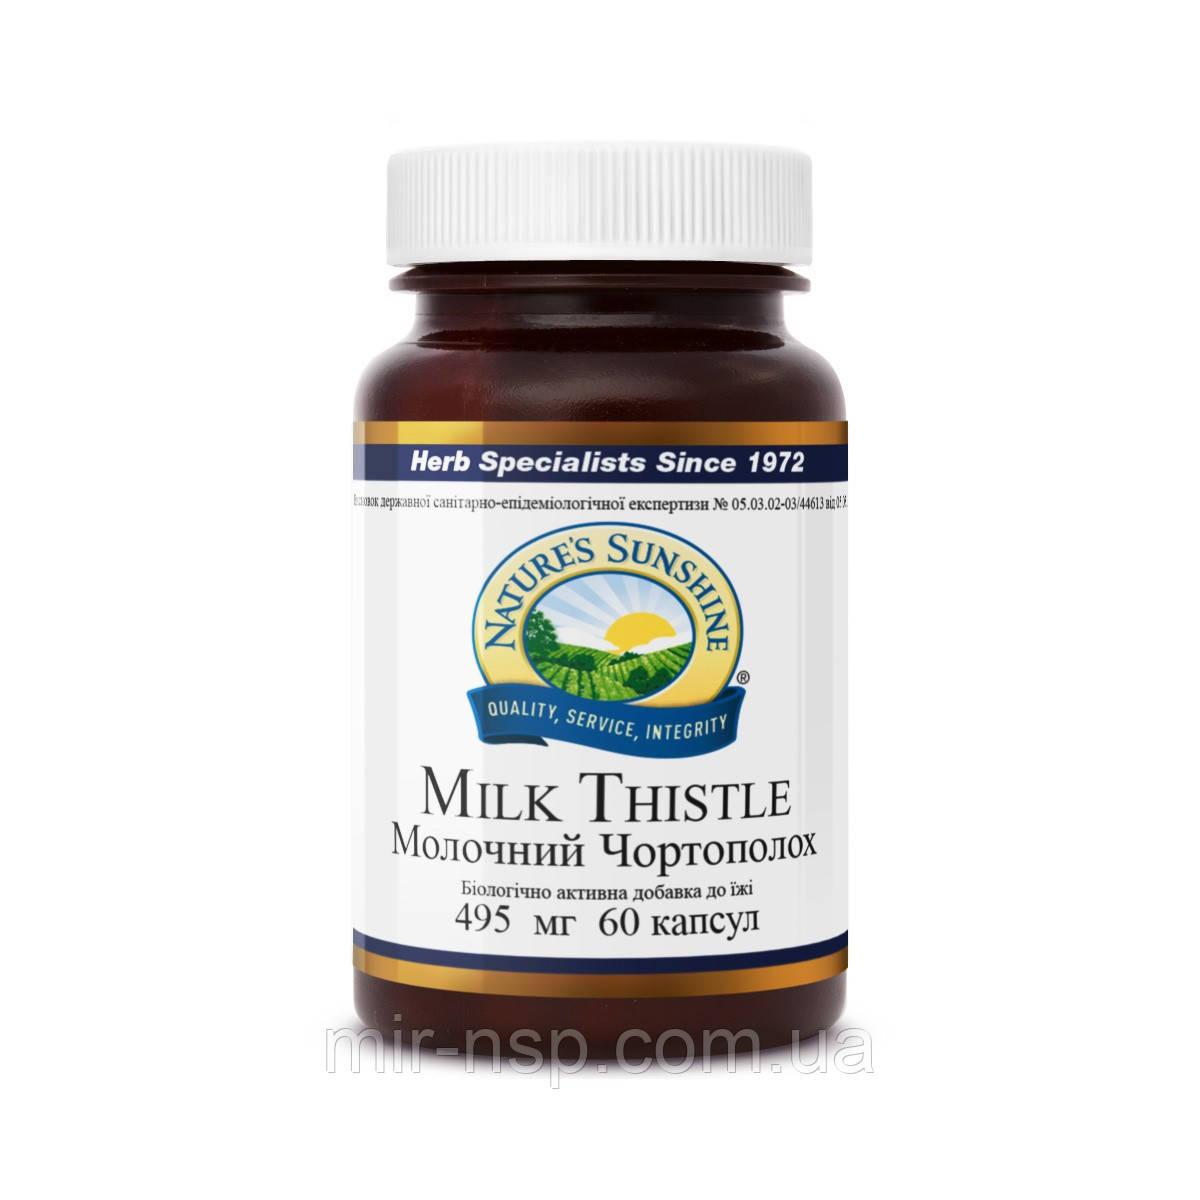 Милк Тисл (Milk Thistle, Молочный Чертополох, расторопша бад, силимарин, лечение печени) NSP